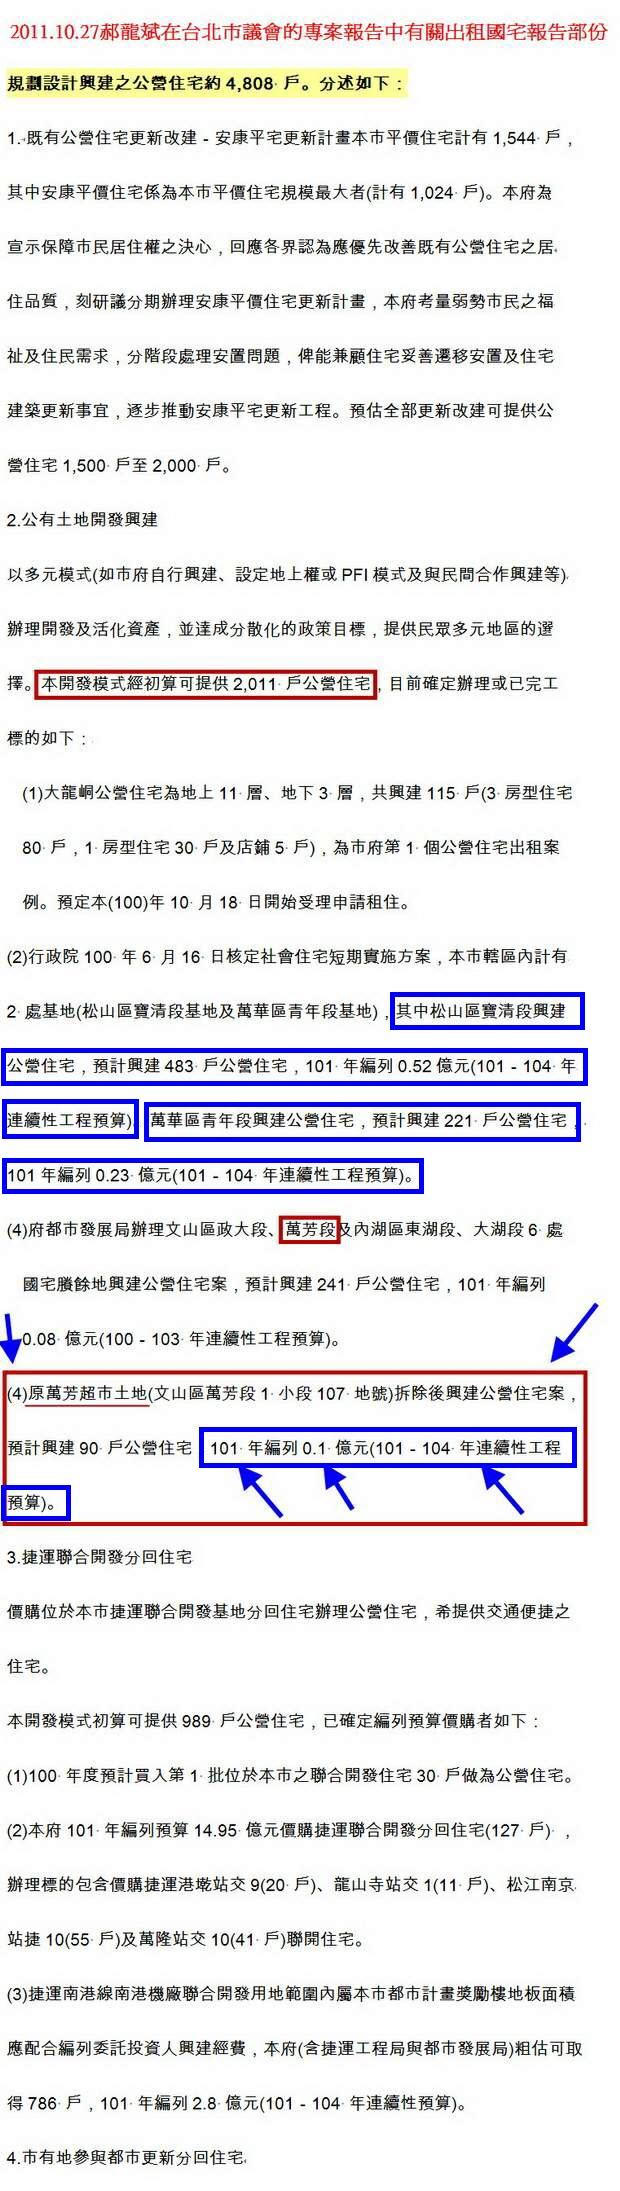 郝龍斌有關公營住宅報告-2011.10.27.jpg